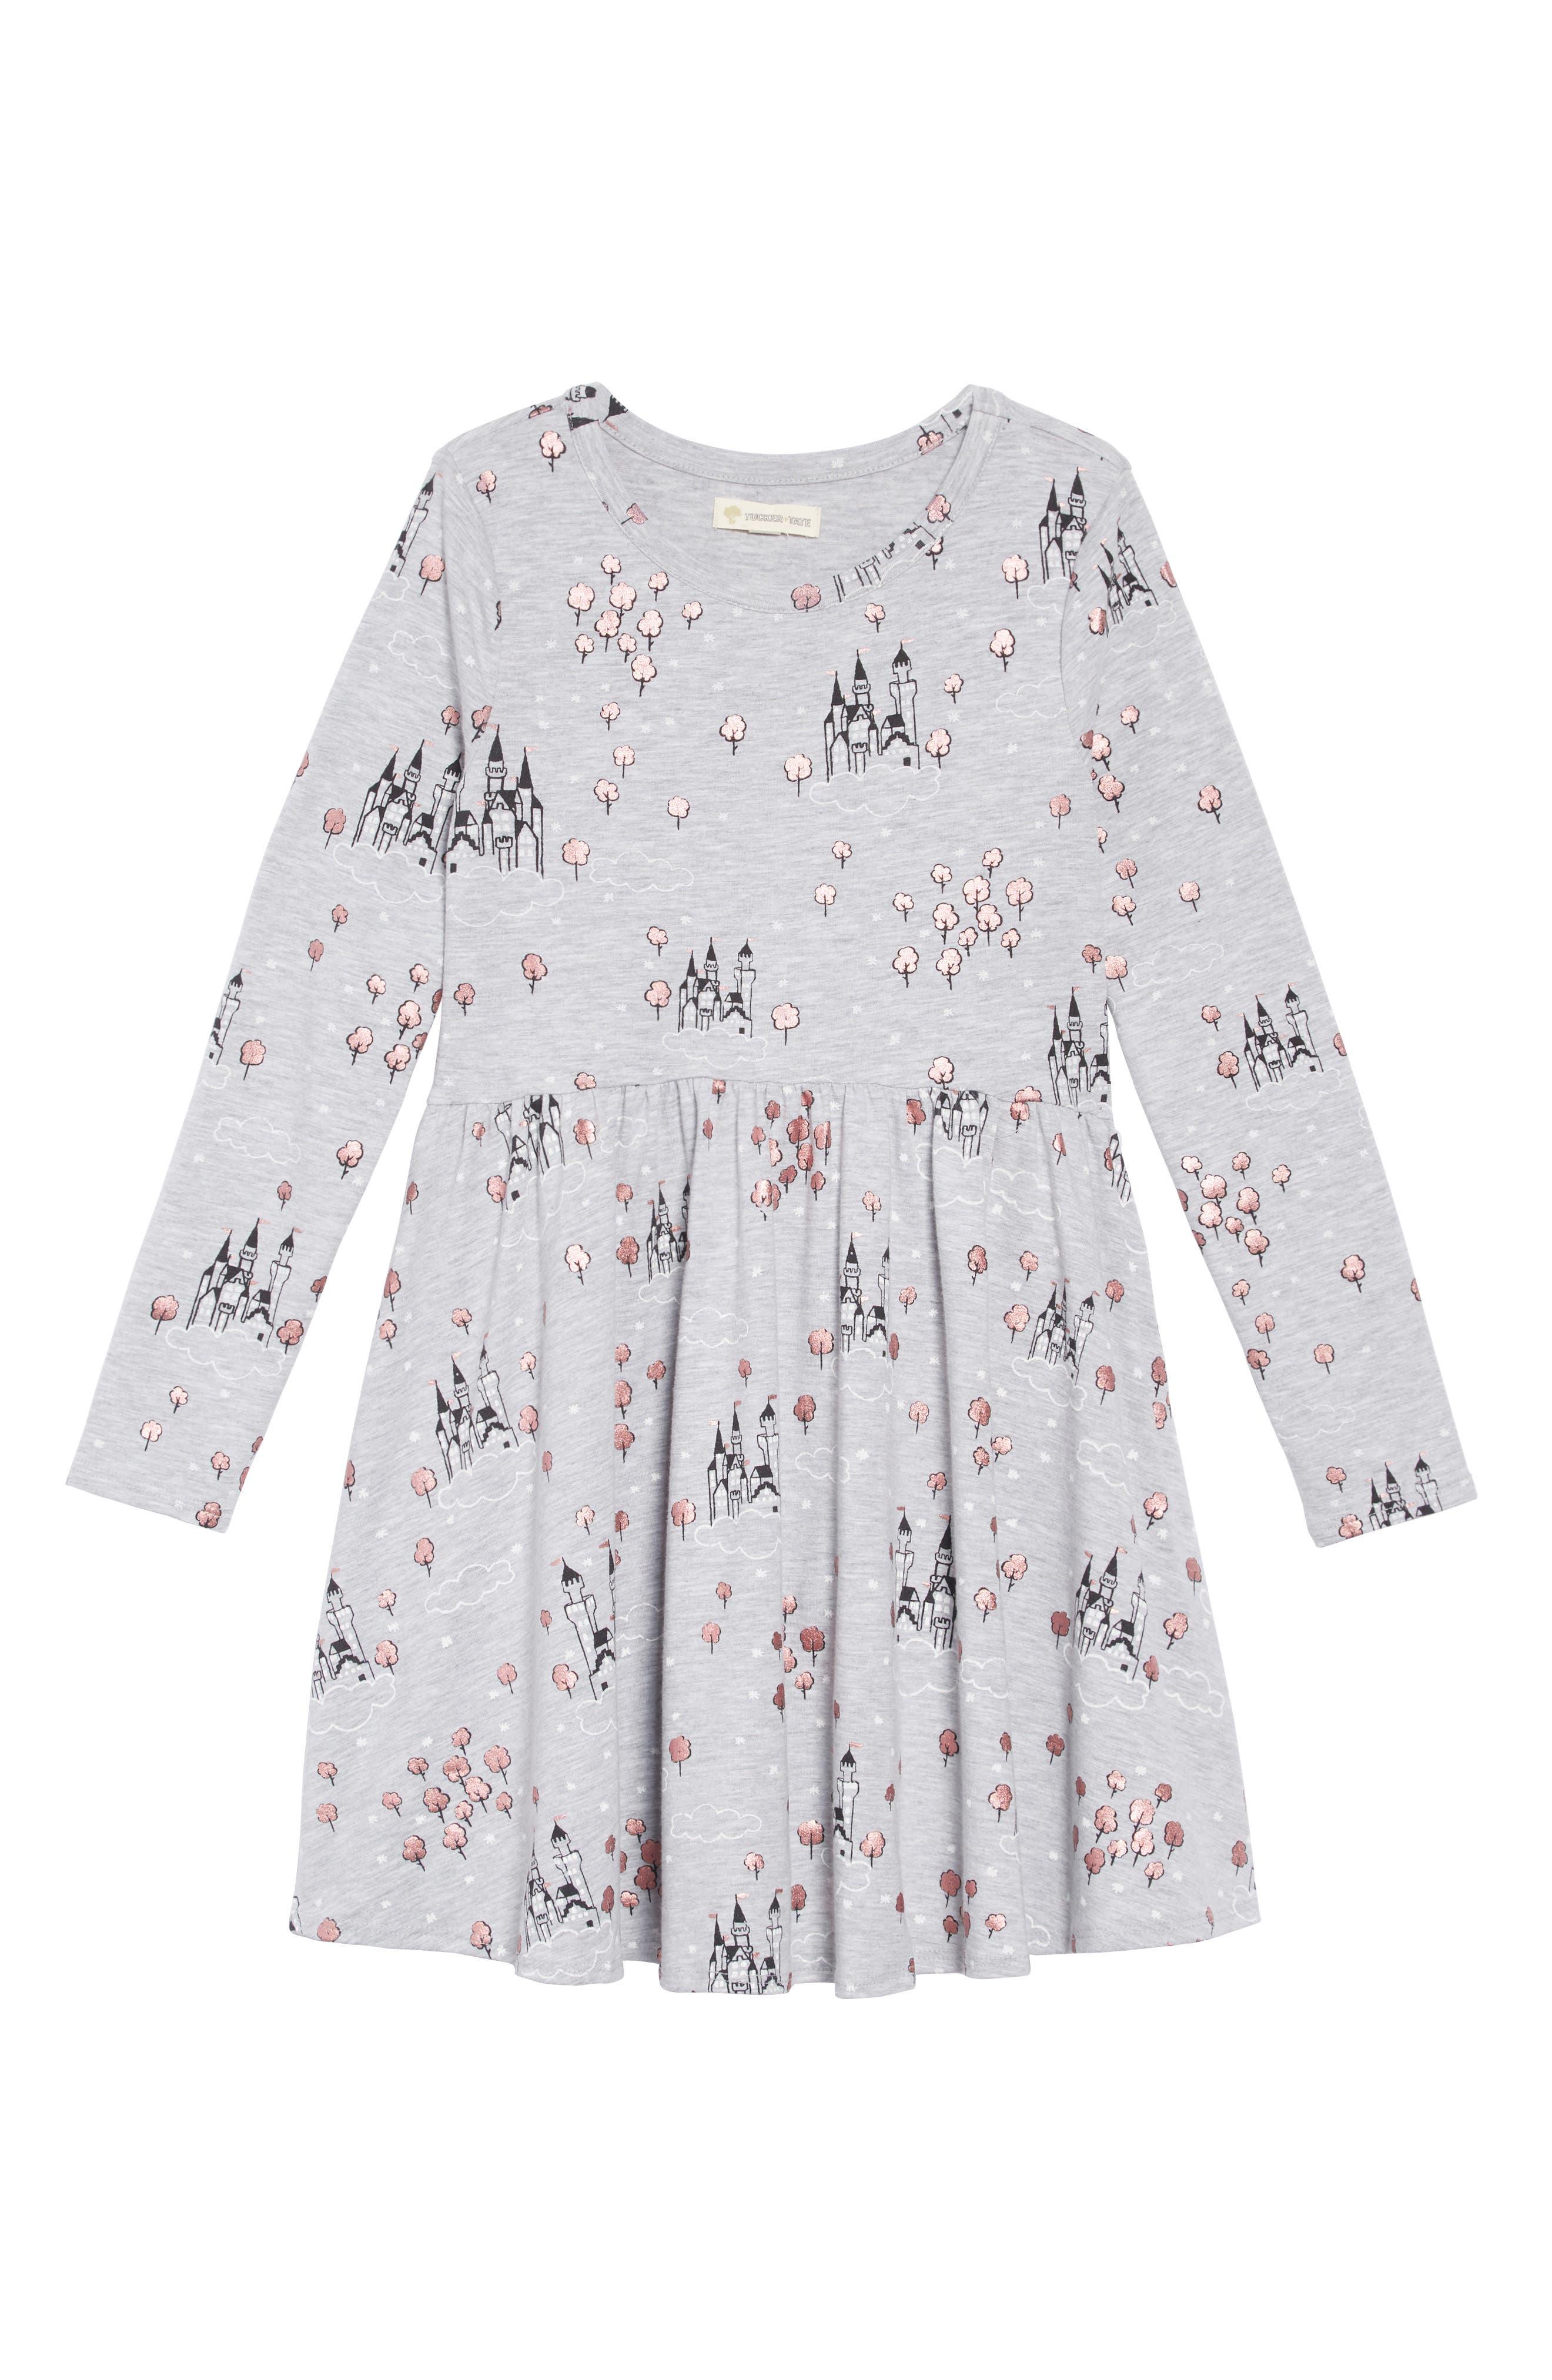 Print Knit Dress,                             Main thumbnail 1, color,                             GREY ASH HEATHER CASTLE